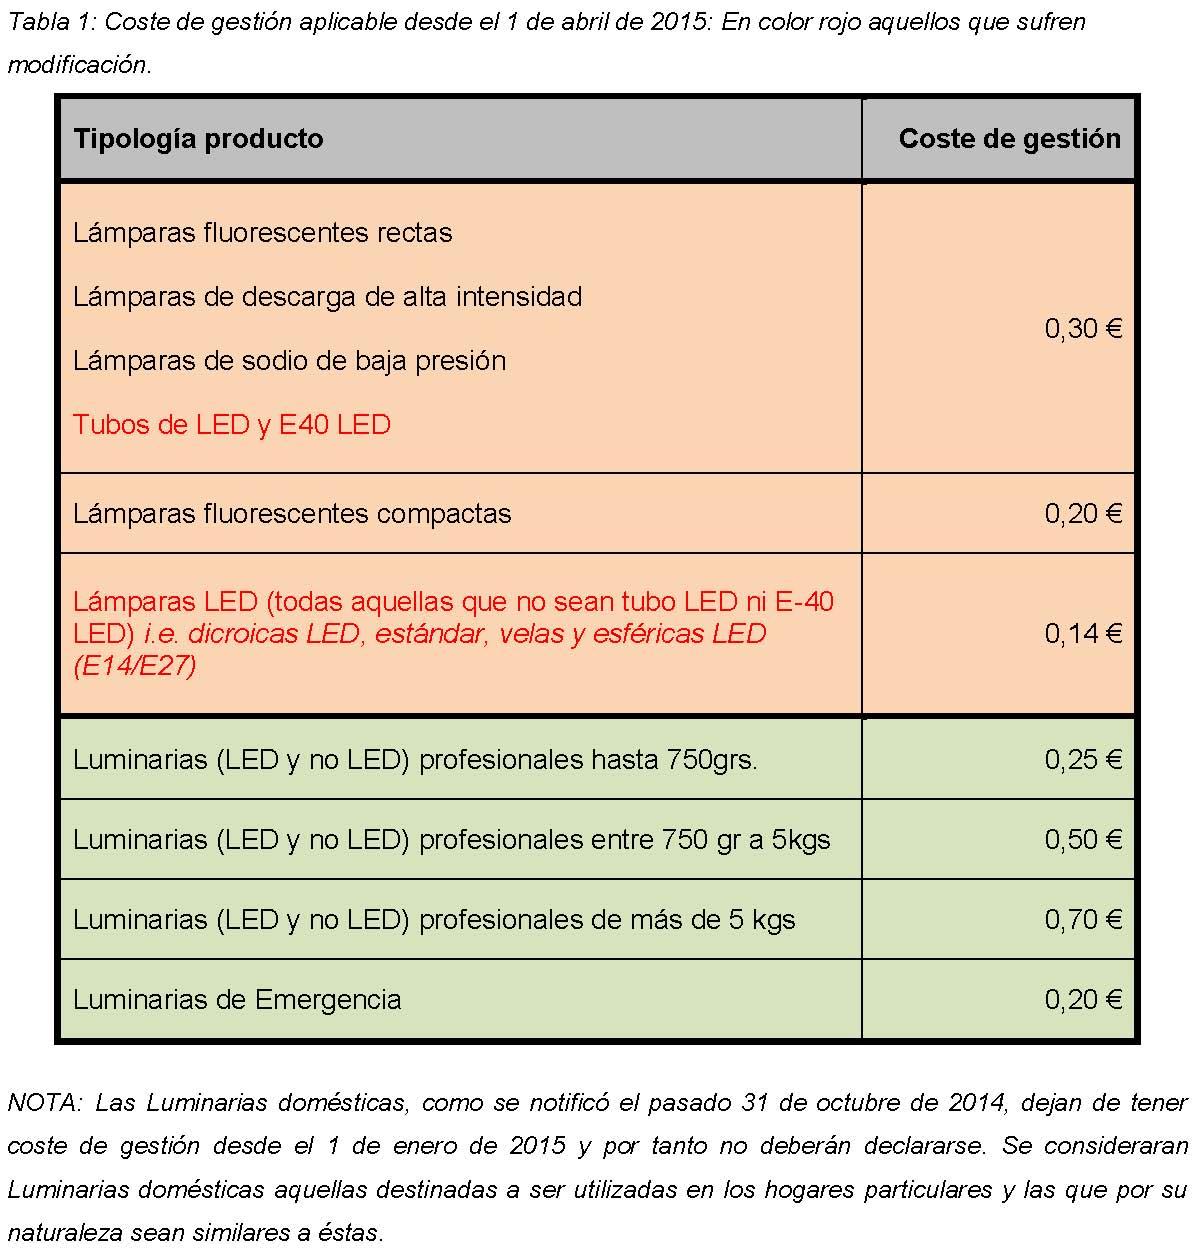 Notificacion reestructuracion coste de gestion lamparas LED Página 1